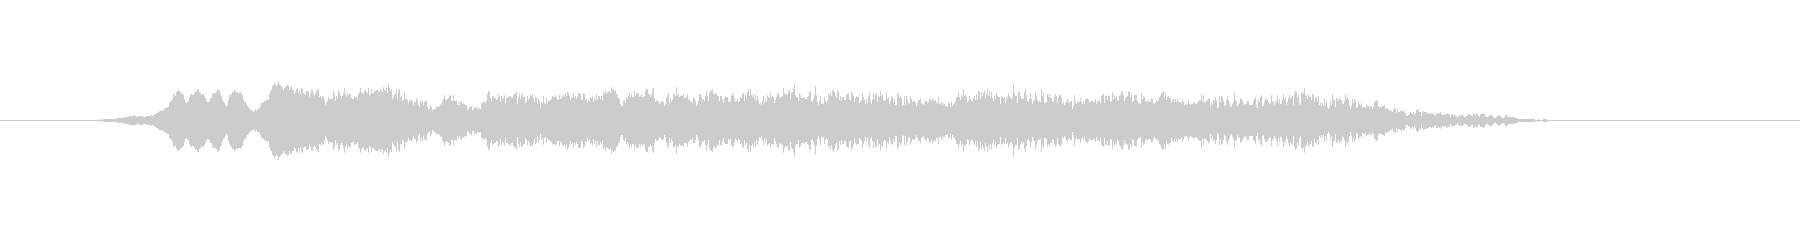 メタル 鳴き声01の未再生の波形